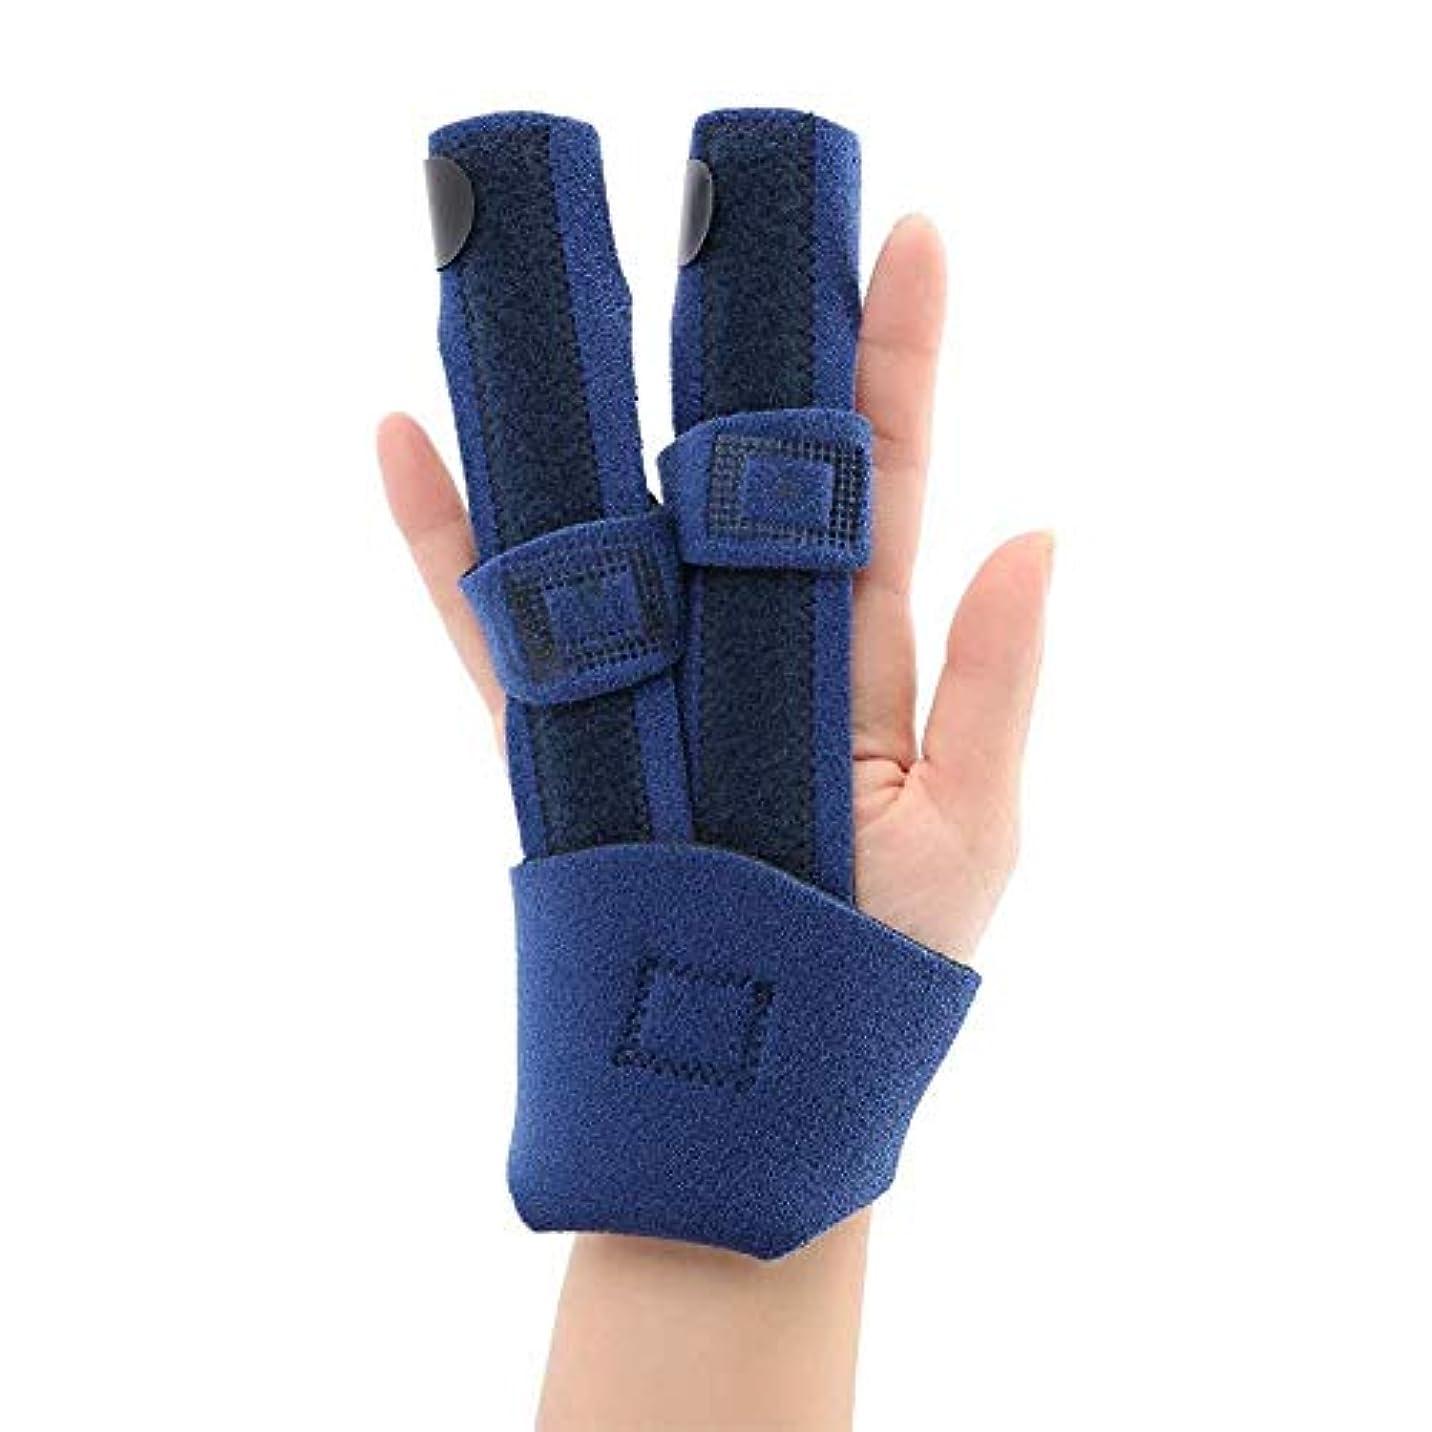 与える若者歯車指の損傷のサポート、スプリント指の調整可能な指のスプリントサポートスタビライザーサポート捻support指のケアツール